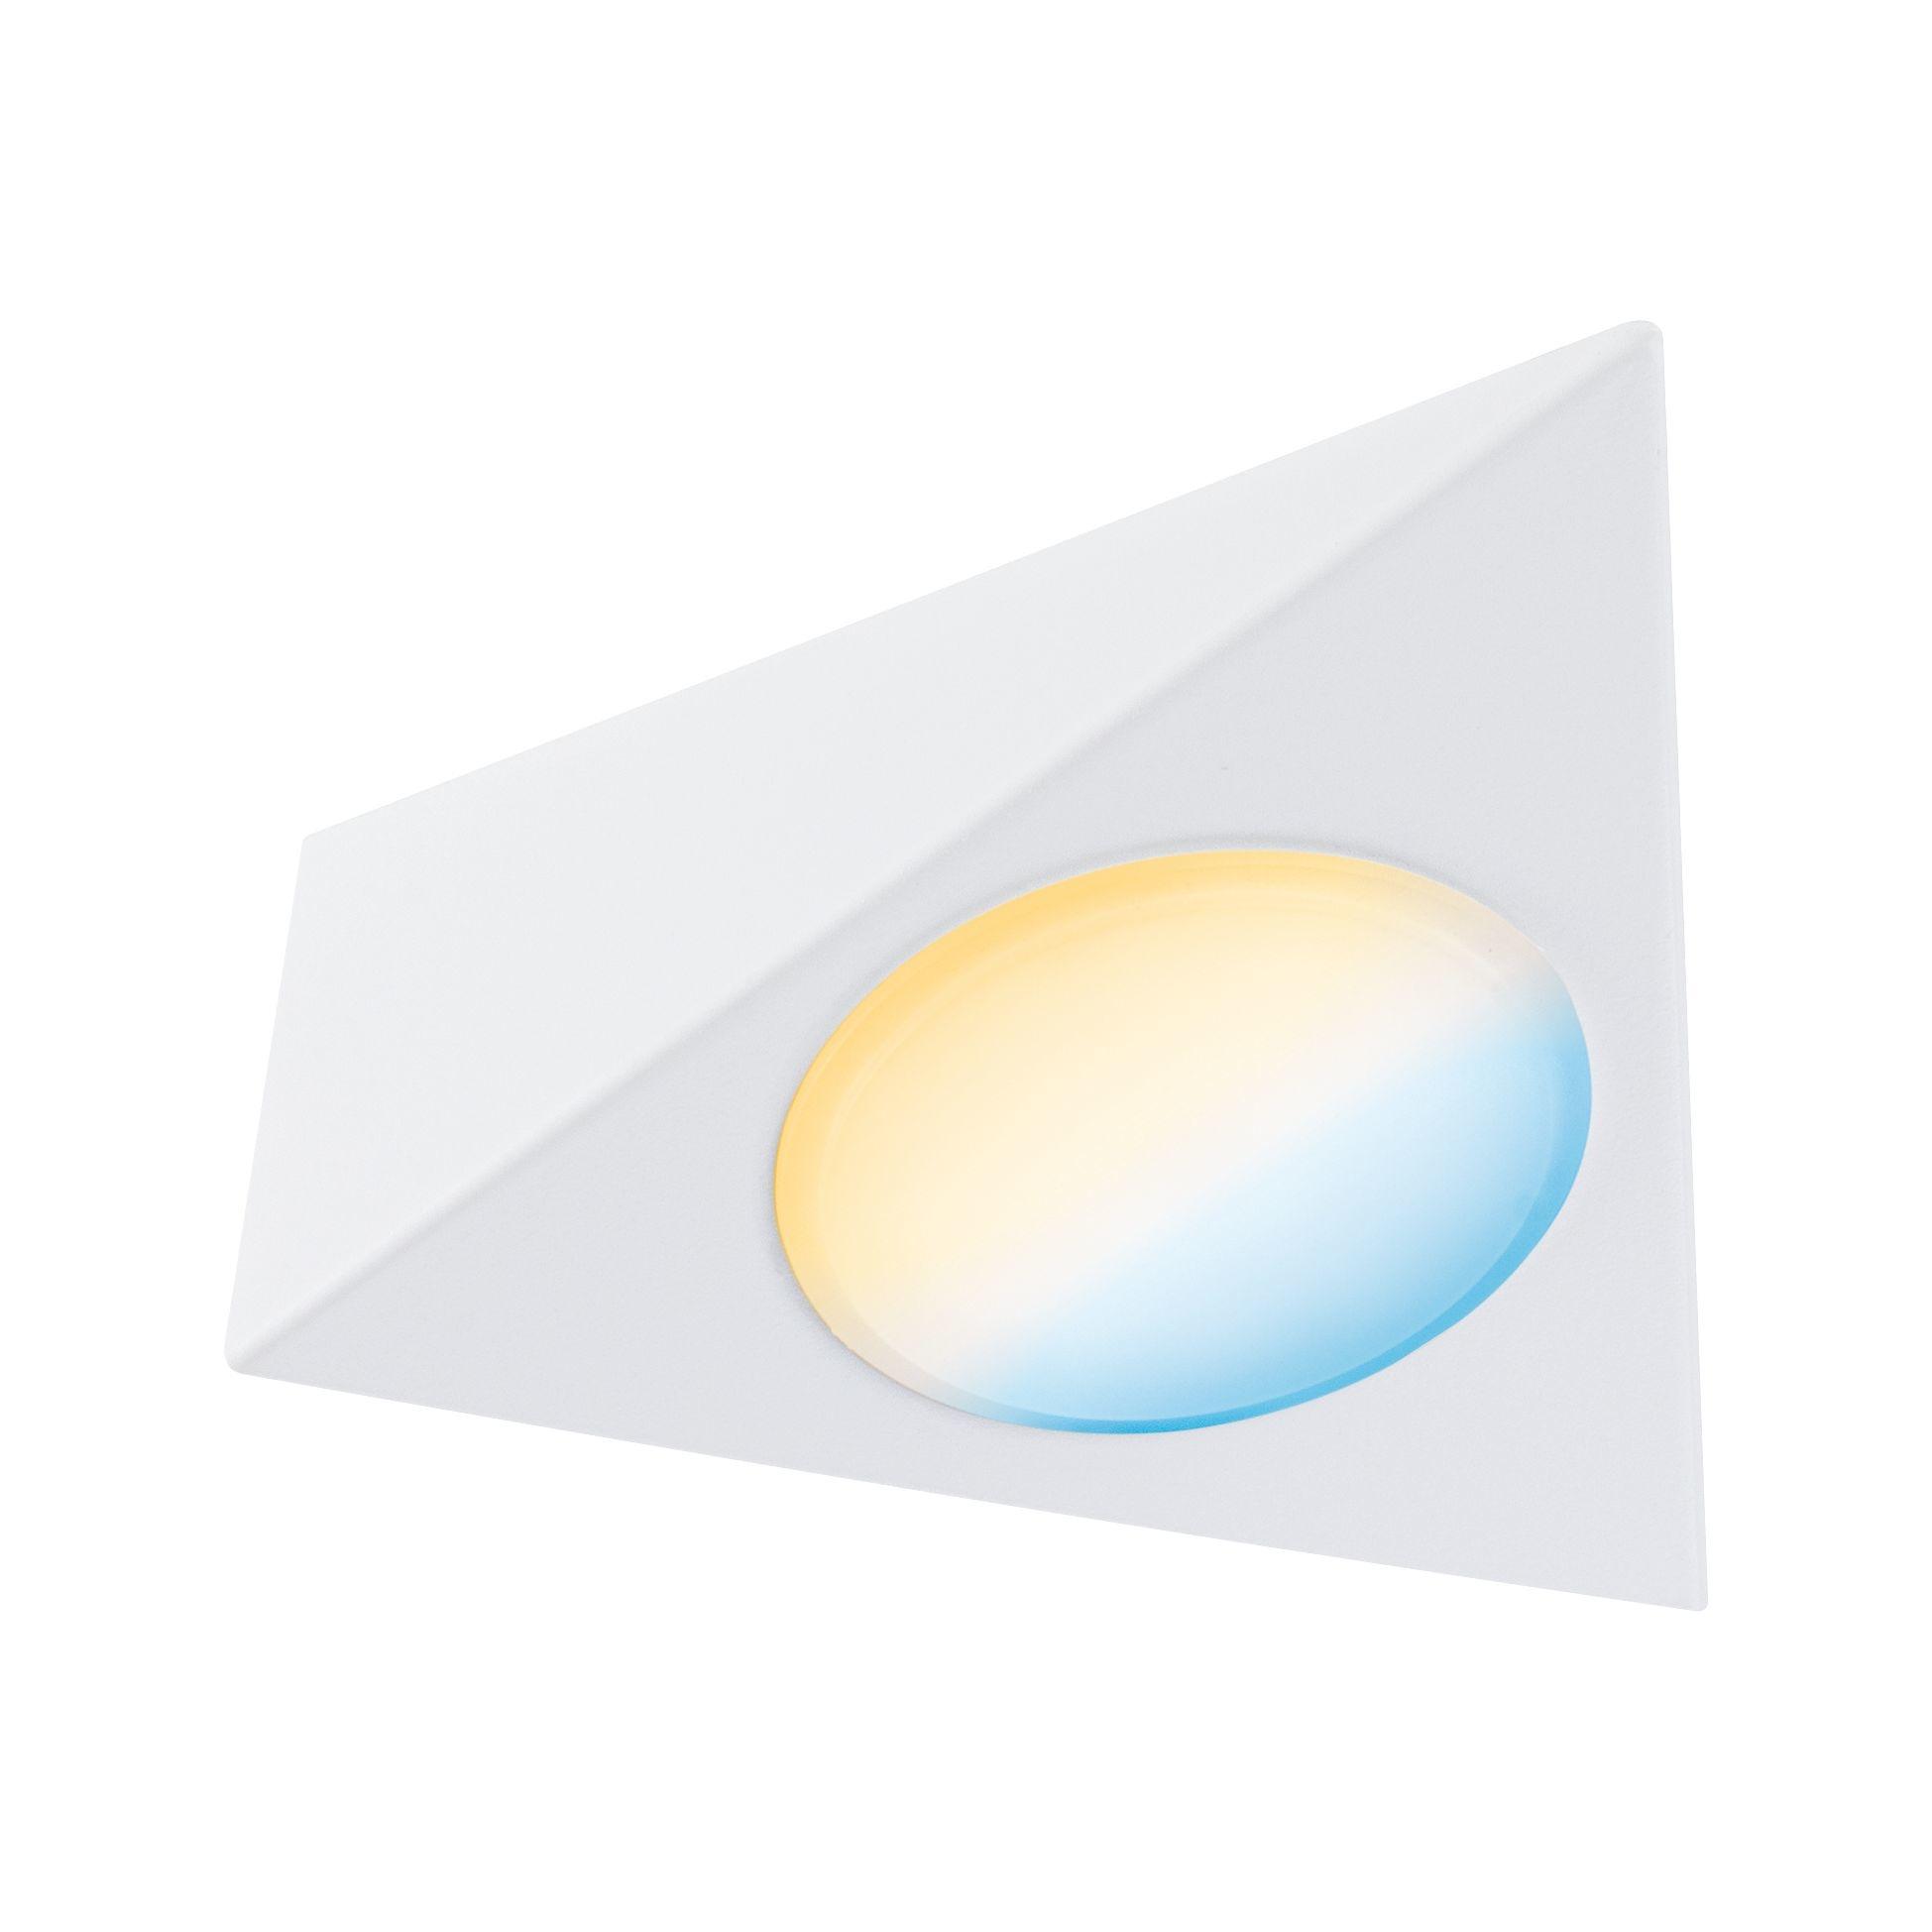 Paulmann Möbelleuchten Clever Connect Spot Trigo Weiß matt 12V 2,1W TunableWhite 2.700K